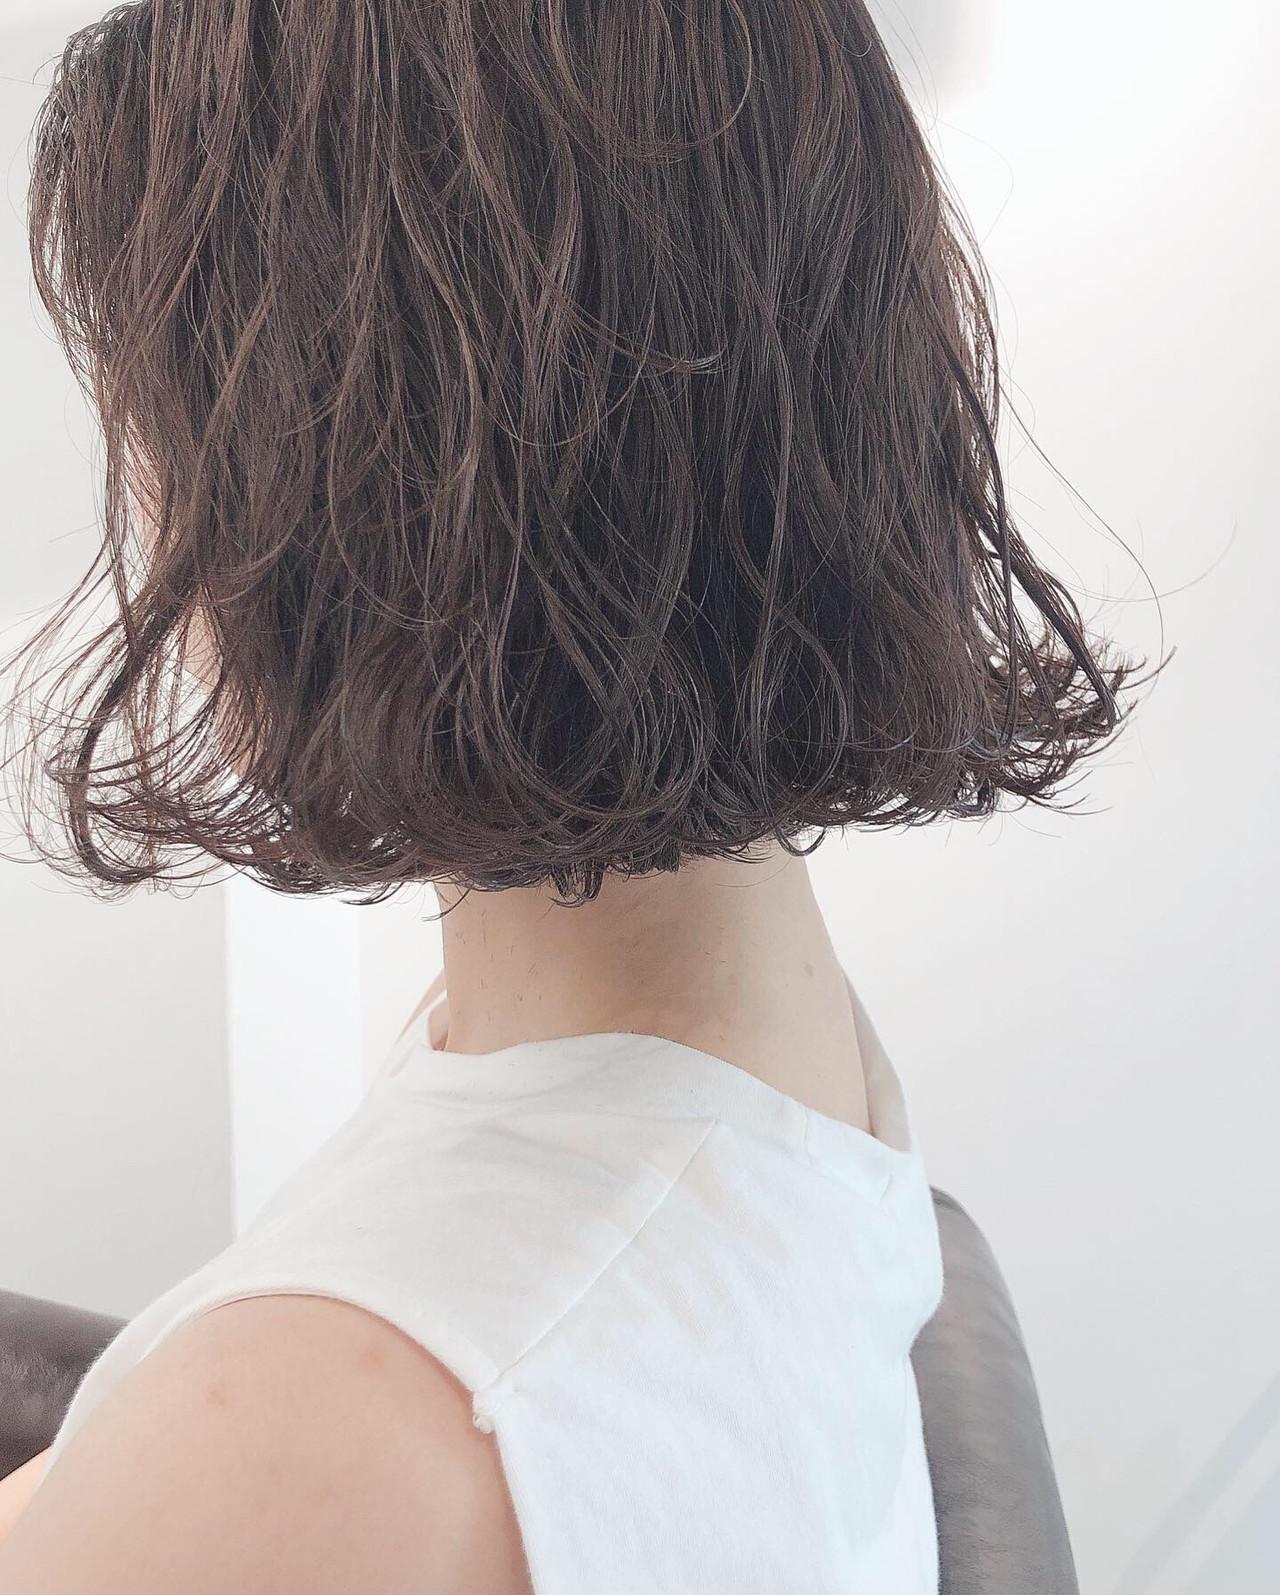 簡単ヘアアレンジ ボブ ミルクティーベージュ 外ハネボブ ヘアスタイルや髪型の写真・画像